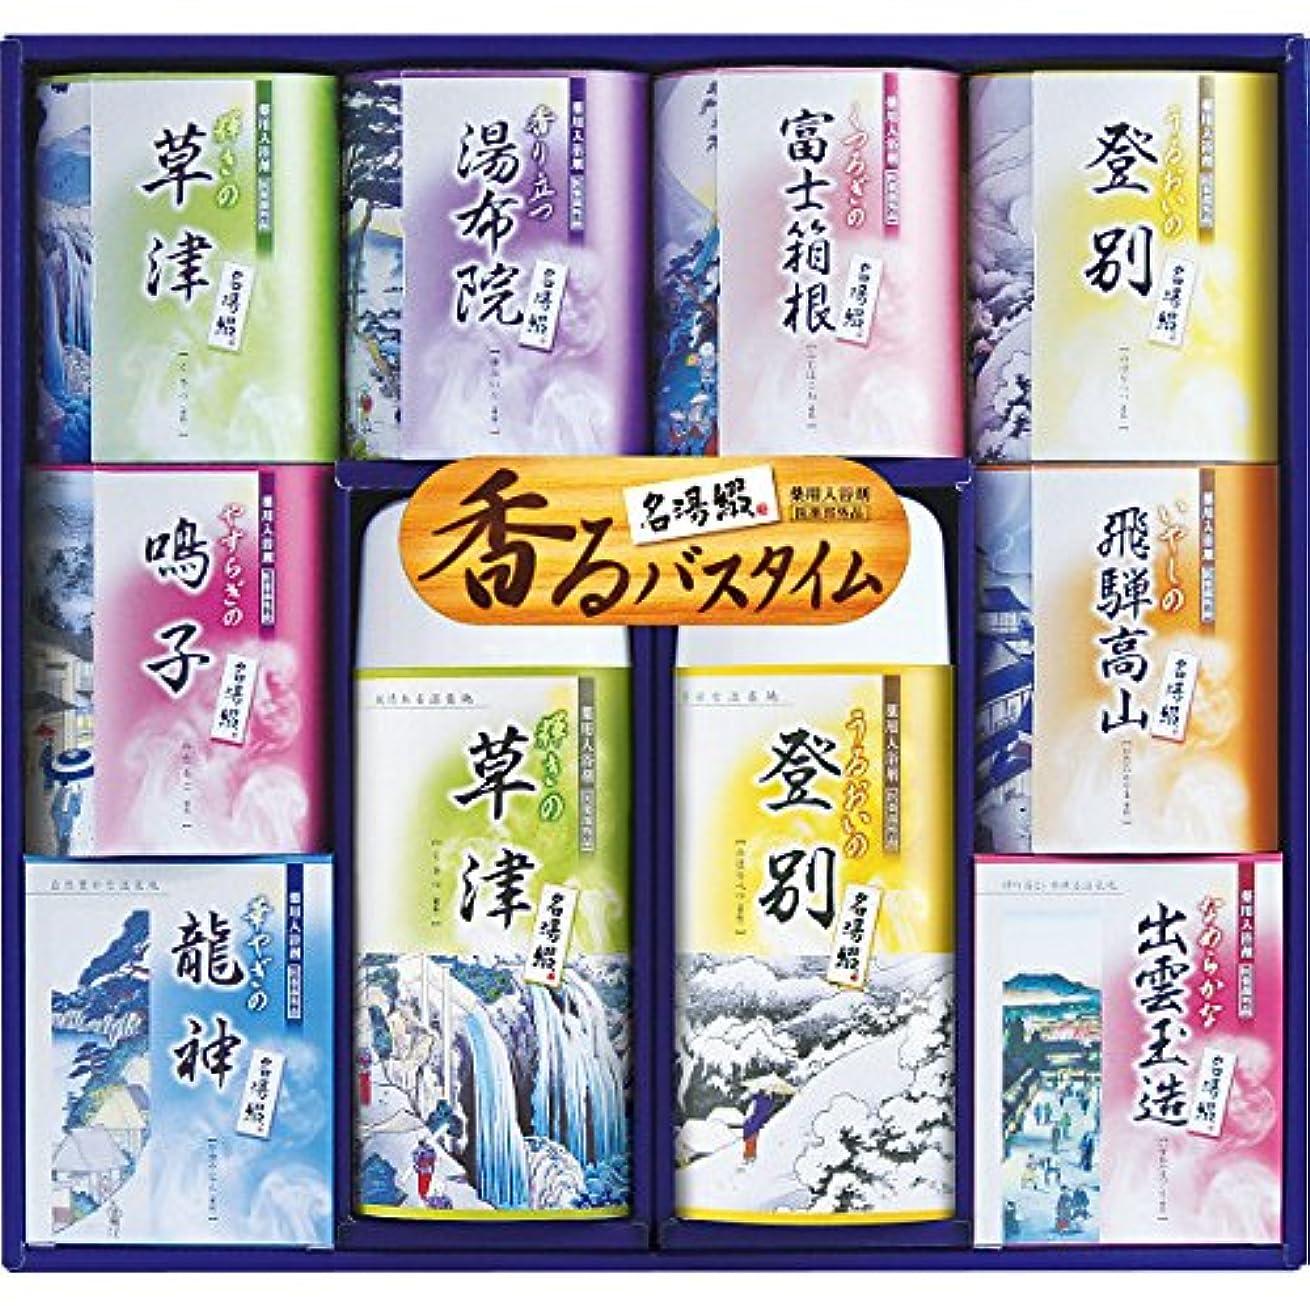 ピーク展示会なかなか敬老の日 贈り物 名湯綴入浴剤セット(SD)